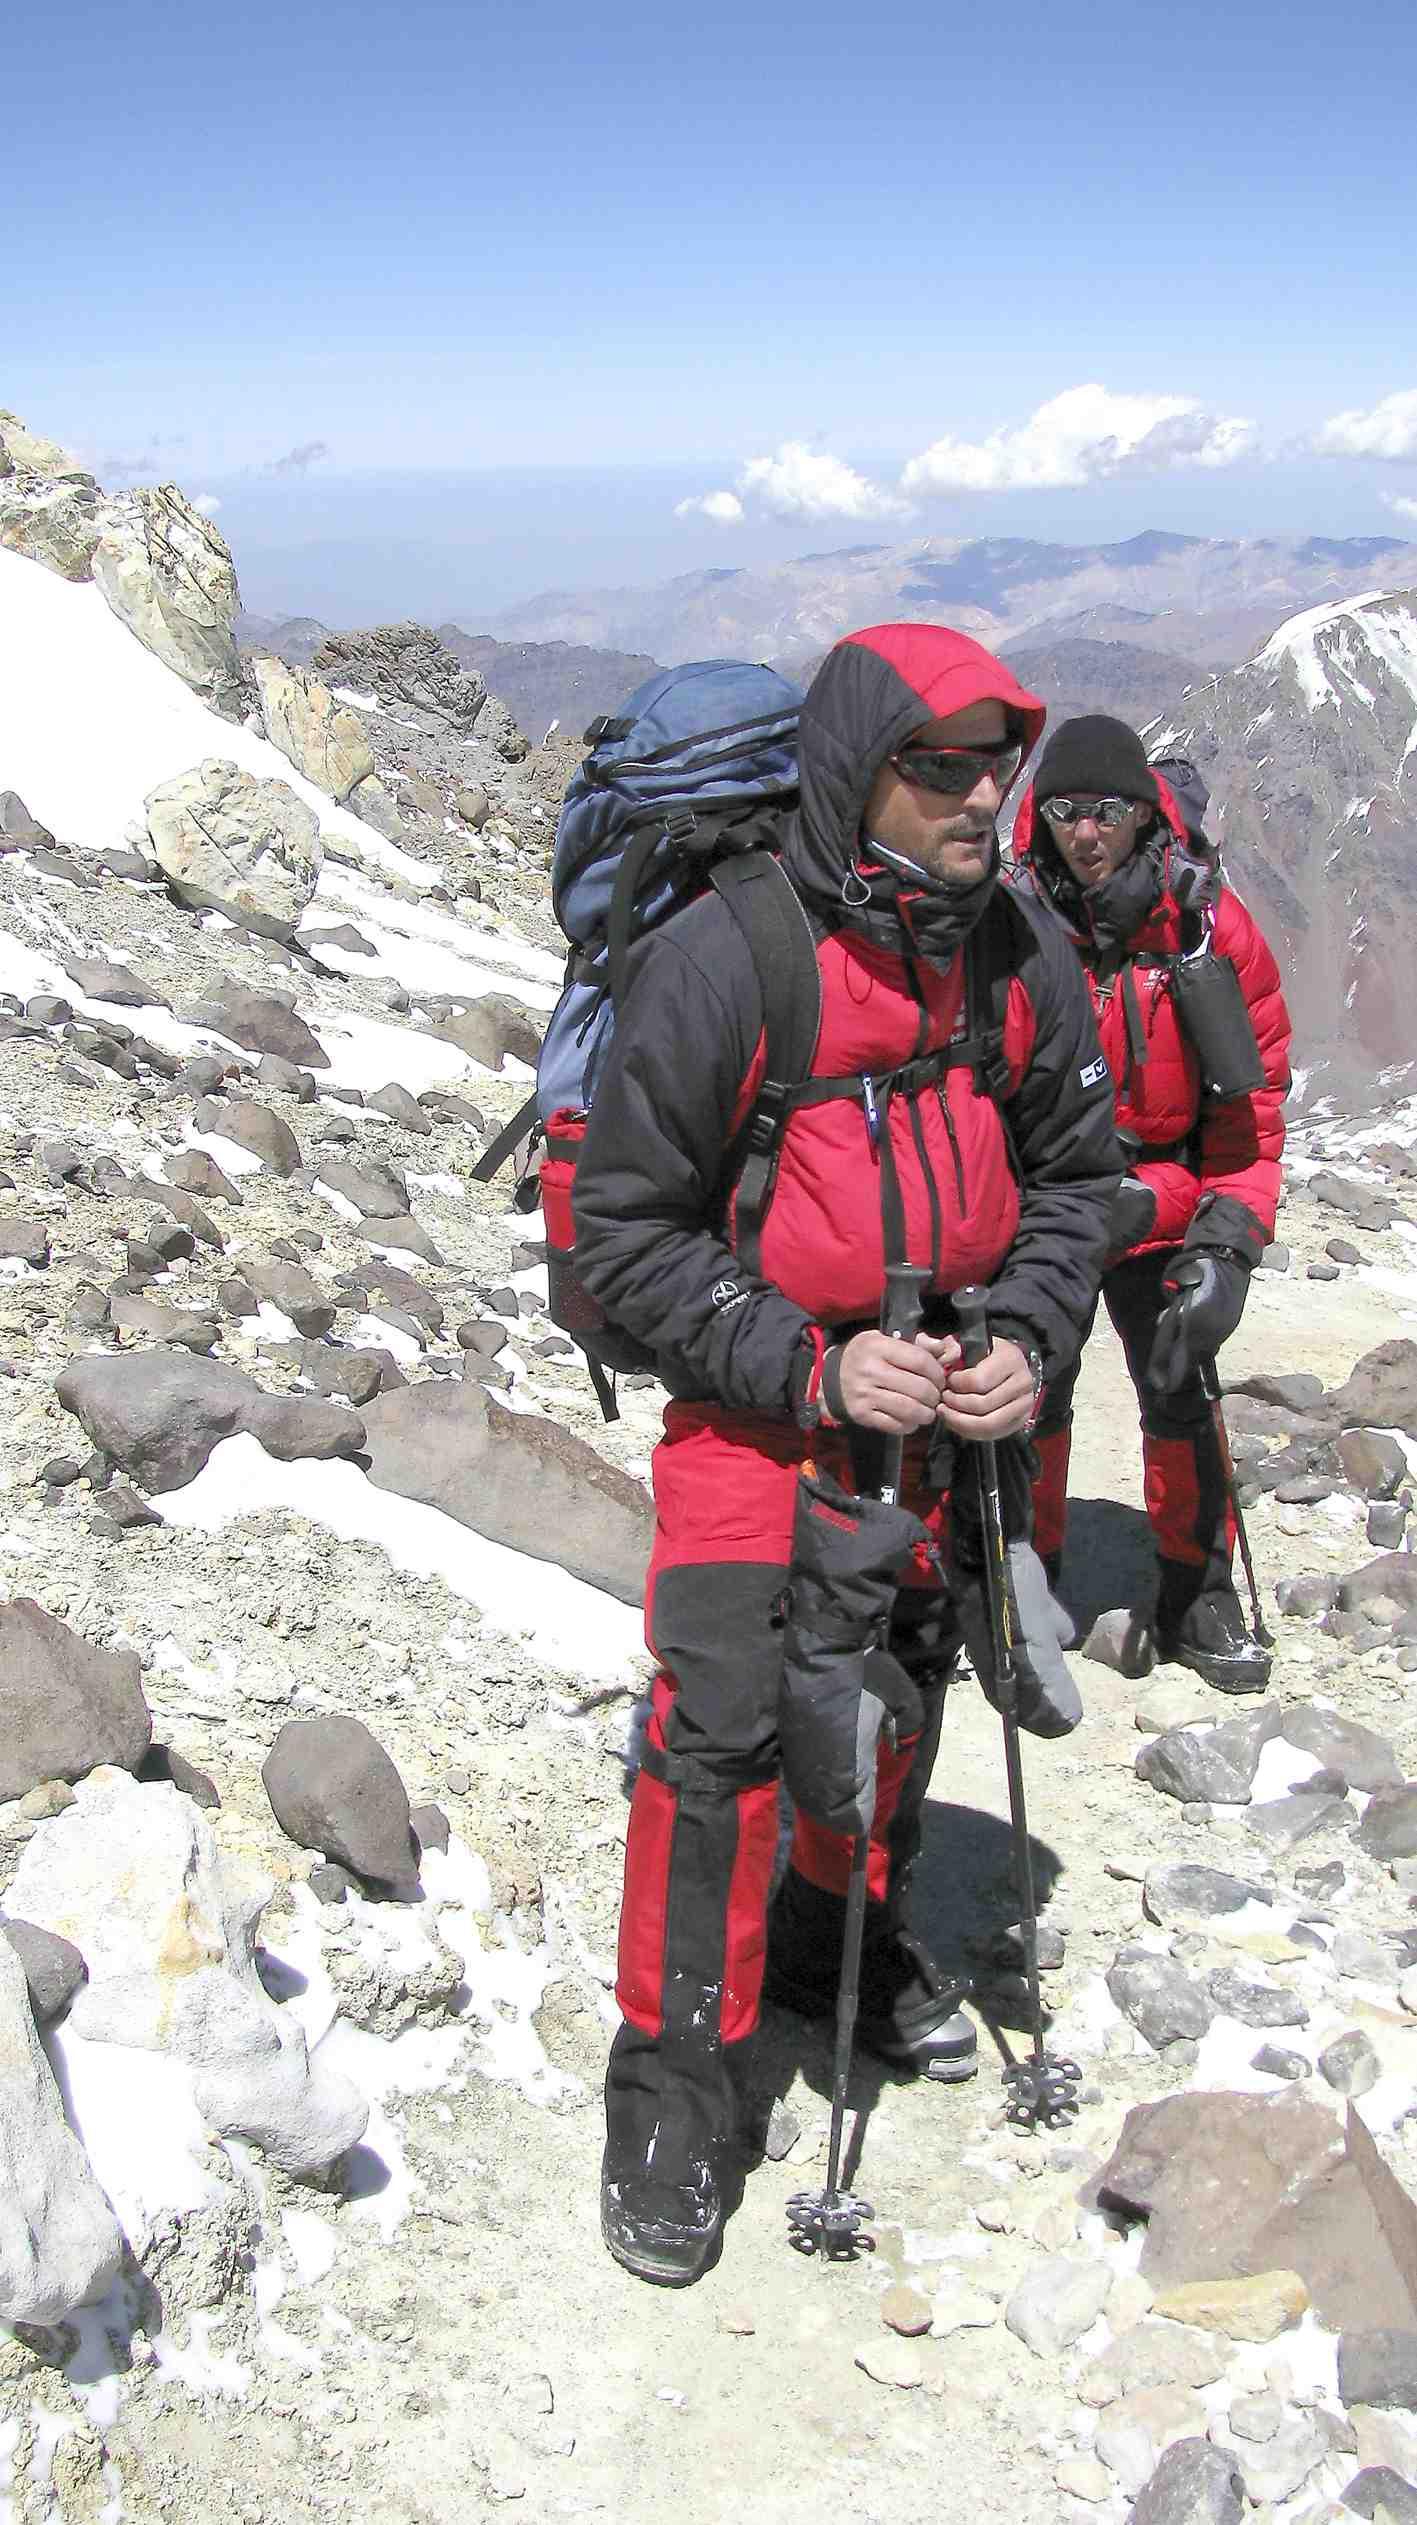 Los ibenses Rafa Verdú y Javier Teruel preparan su nuevo reto: coronar Ojos del Salado, el volcán más alto del mundo